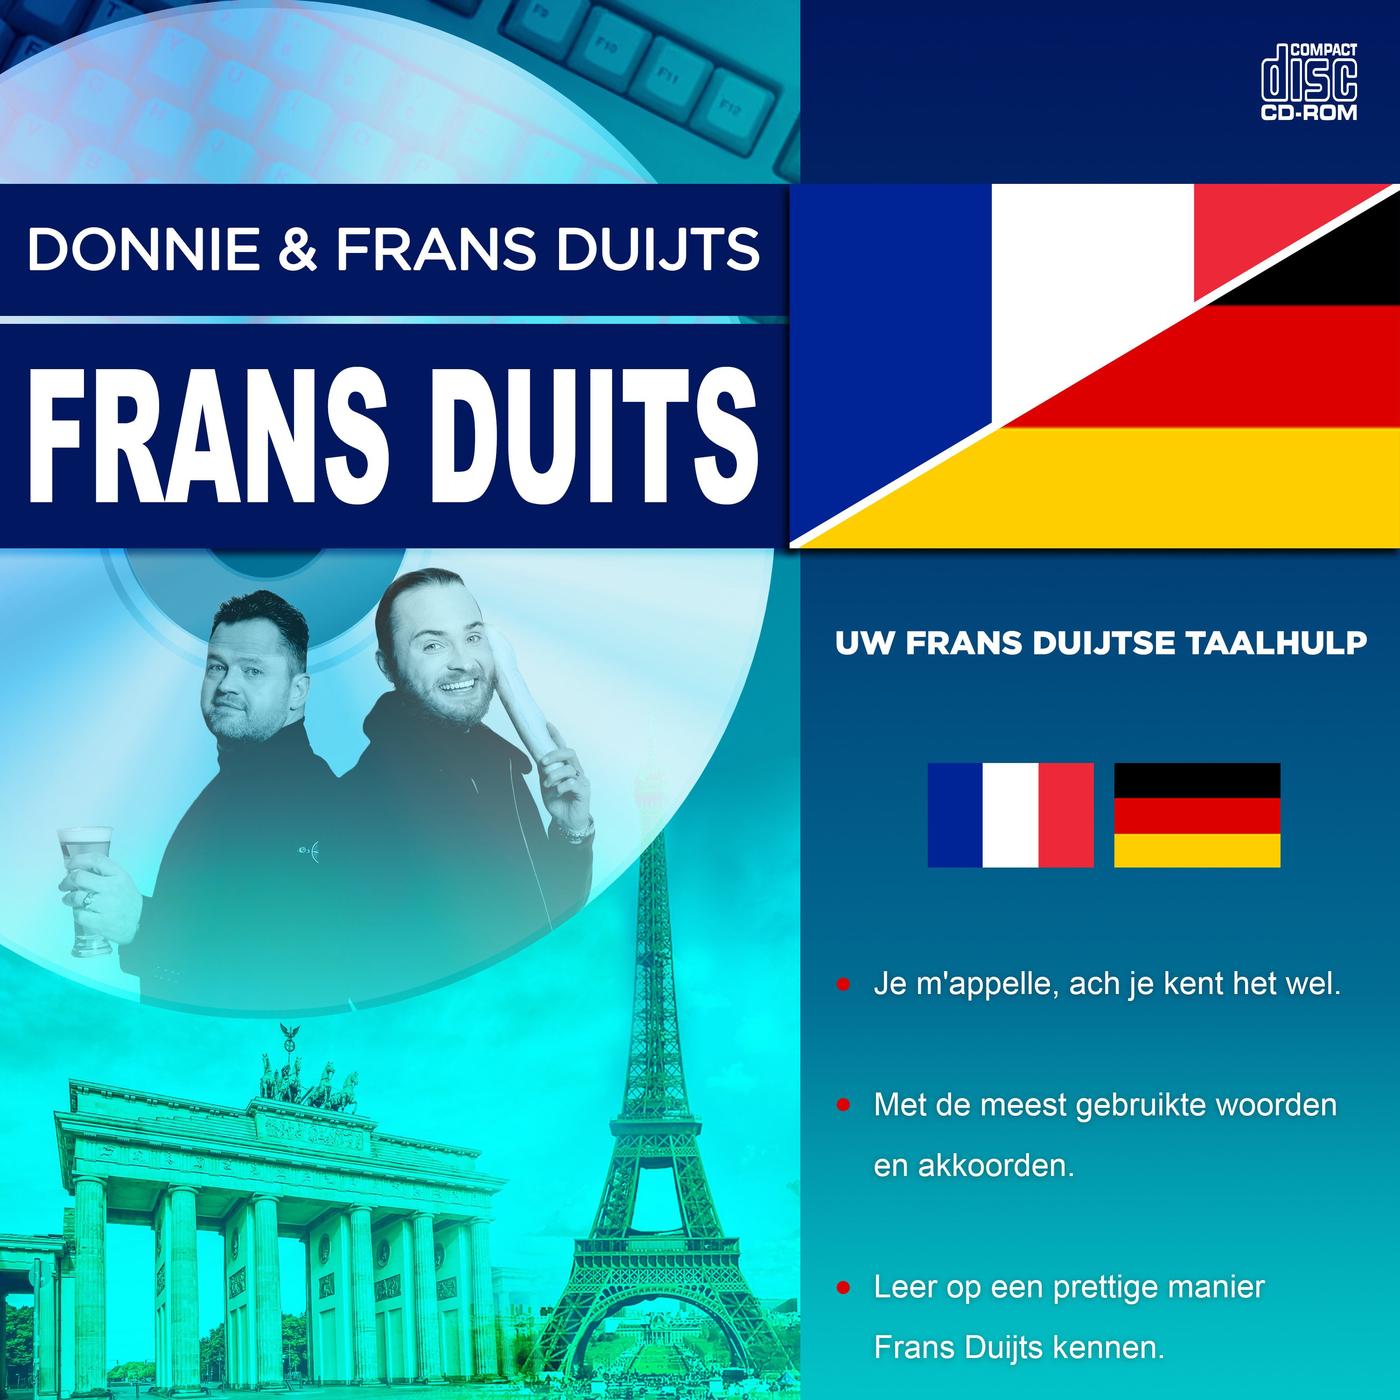 Nieuwe single Donny & Frans Duits: 'Frans Duits'